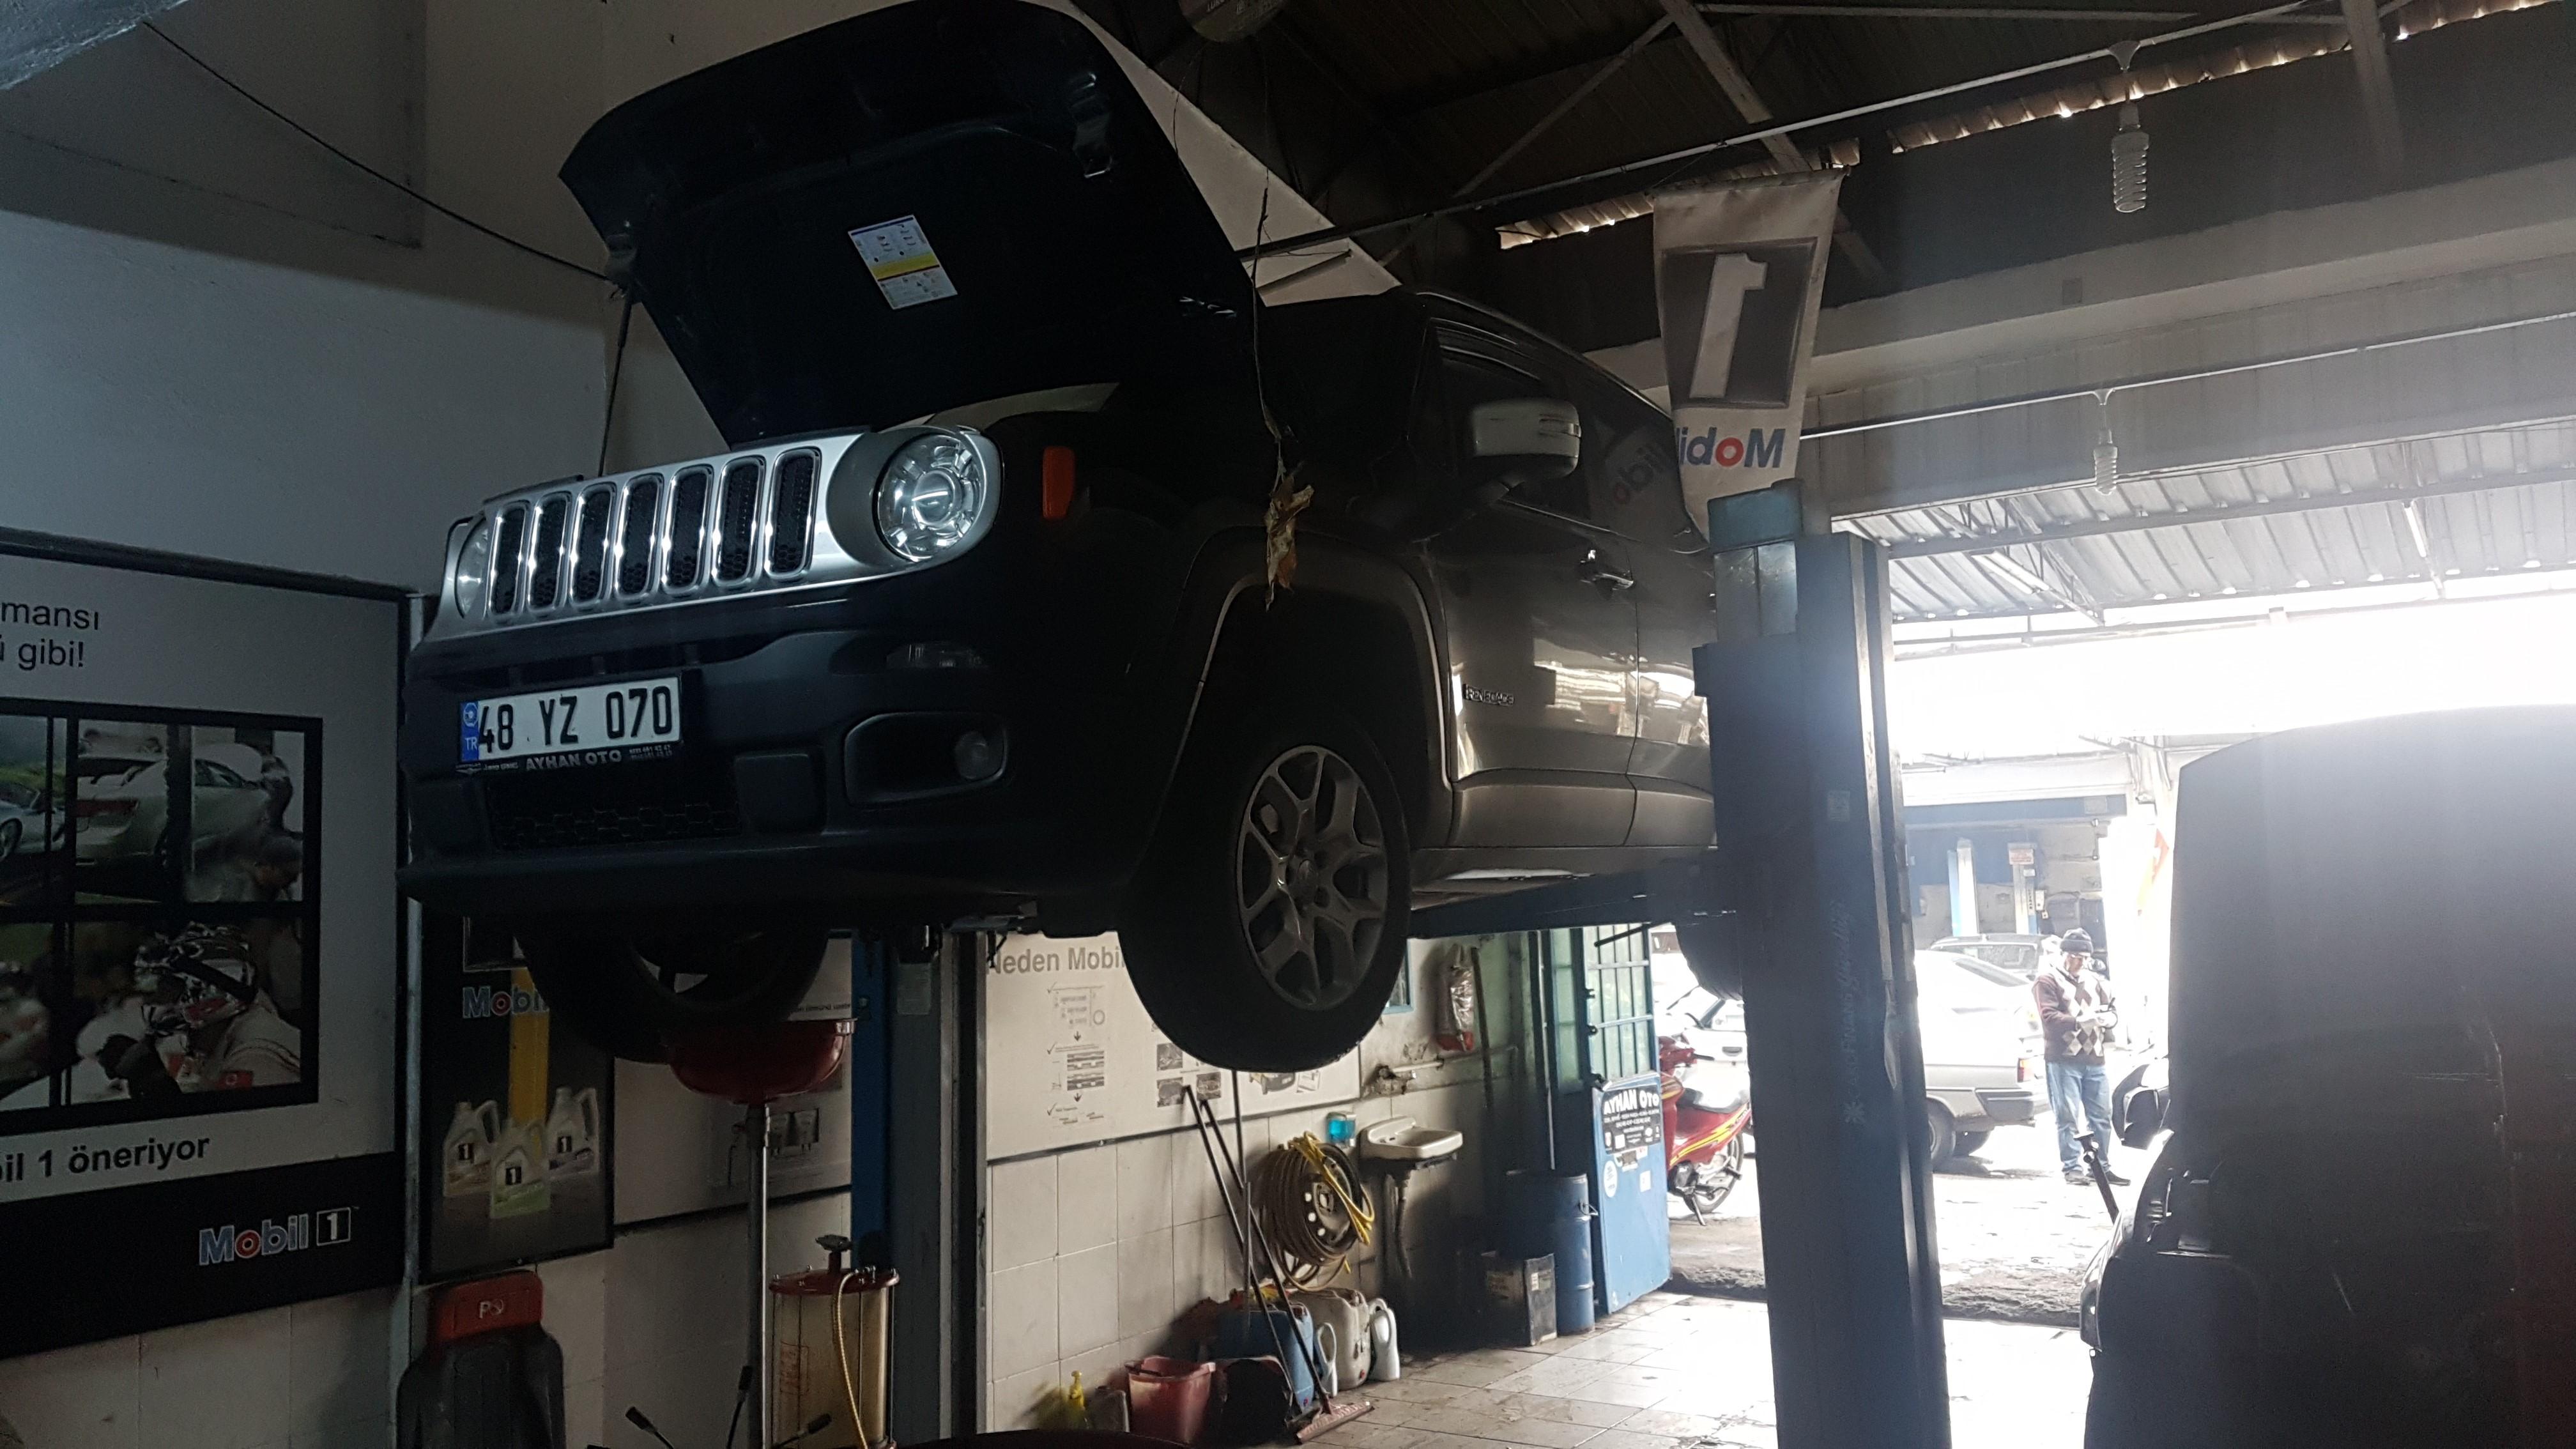 Jeep Renegade 1.6 Multijet Periyodik Bakımı